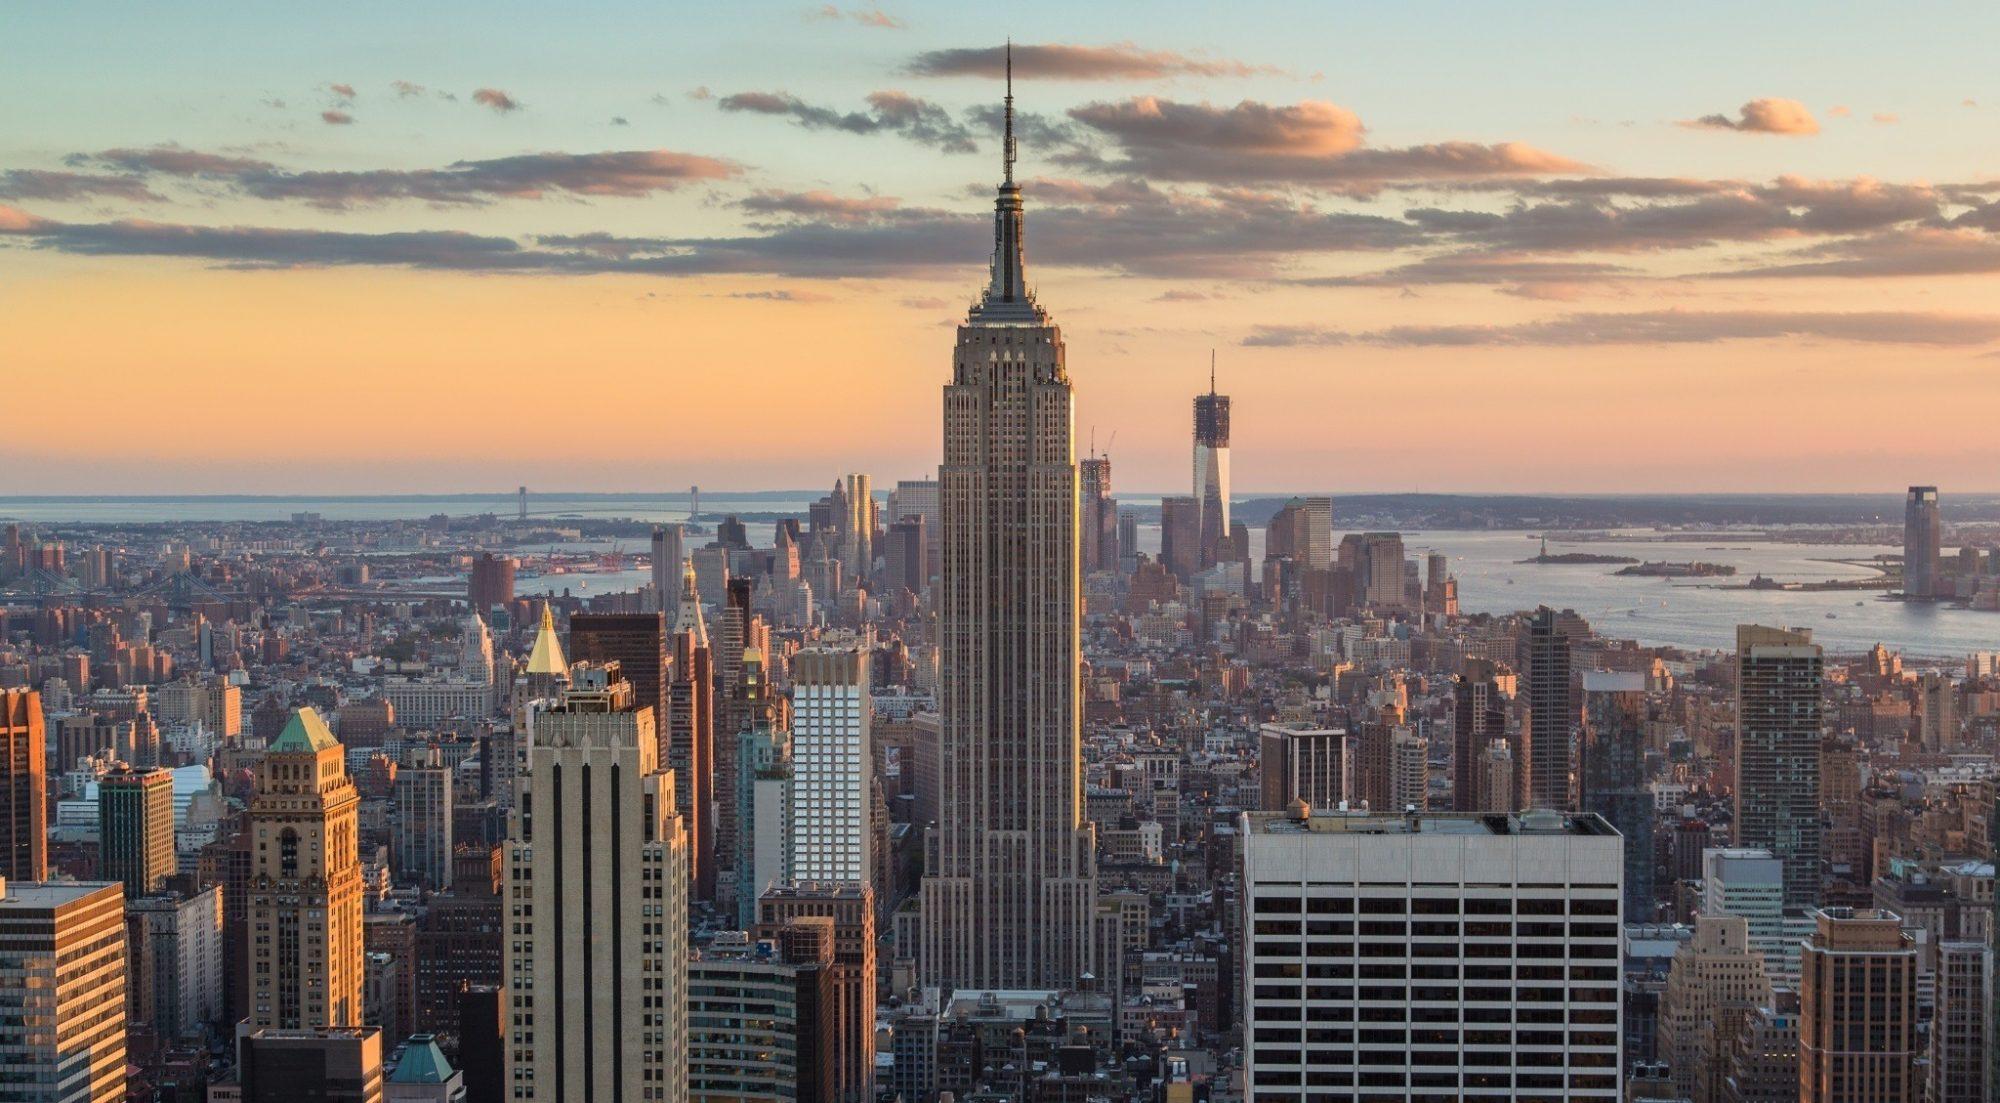 تجسم طراحی آسمان خراش Empire State در 9 سبک مختلف معماری